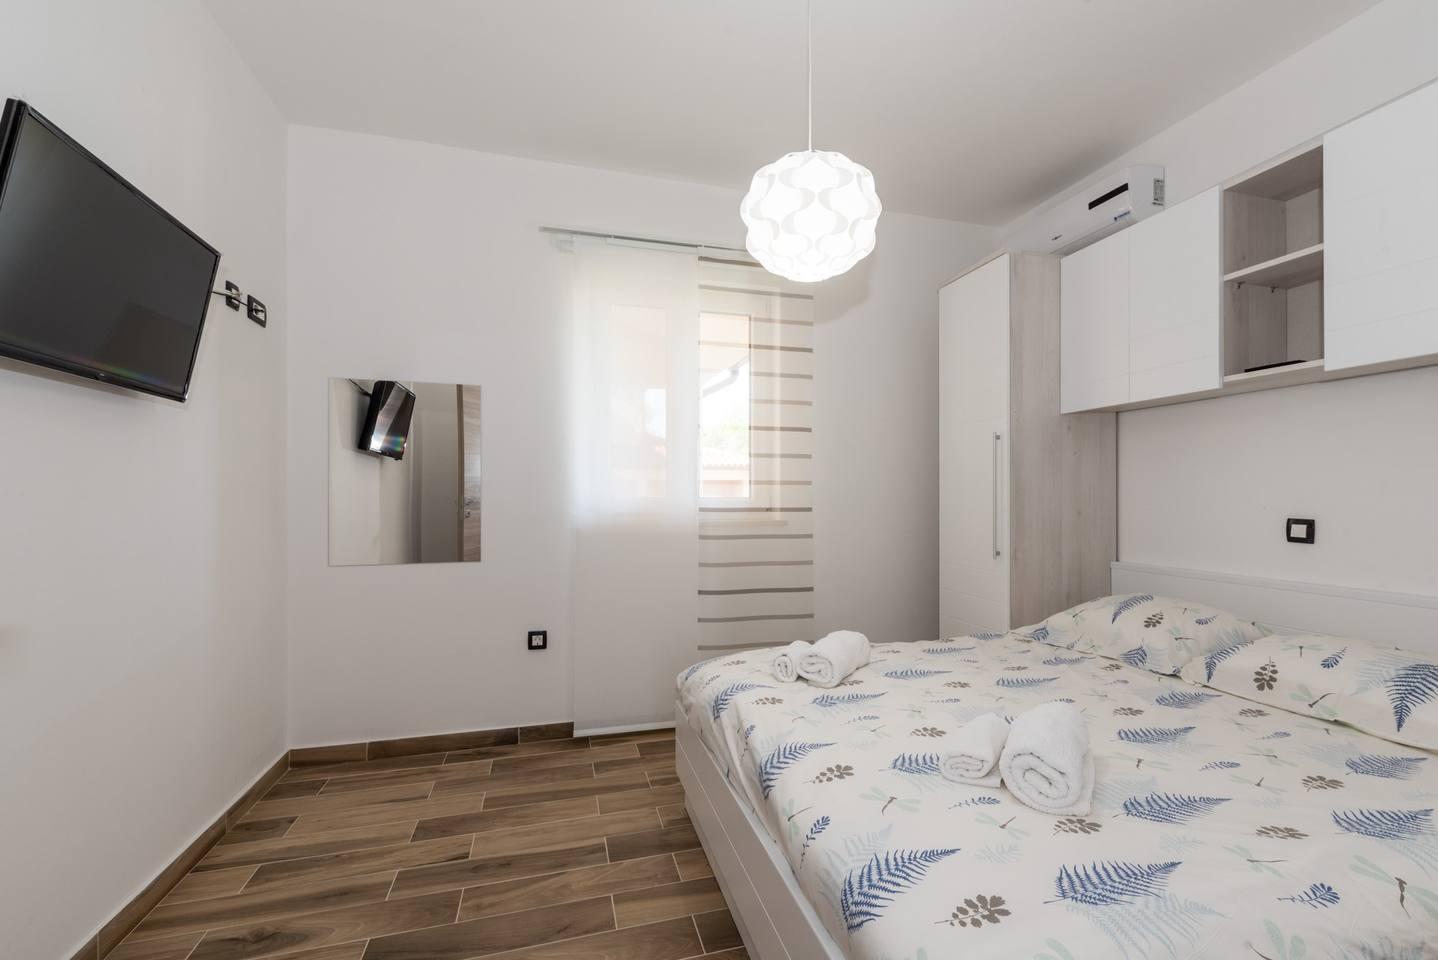 Apartment Villa in Zartinj photo 28495621